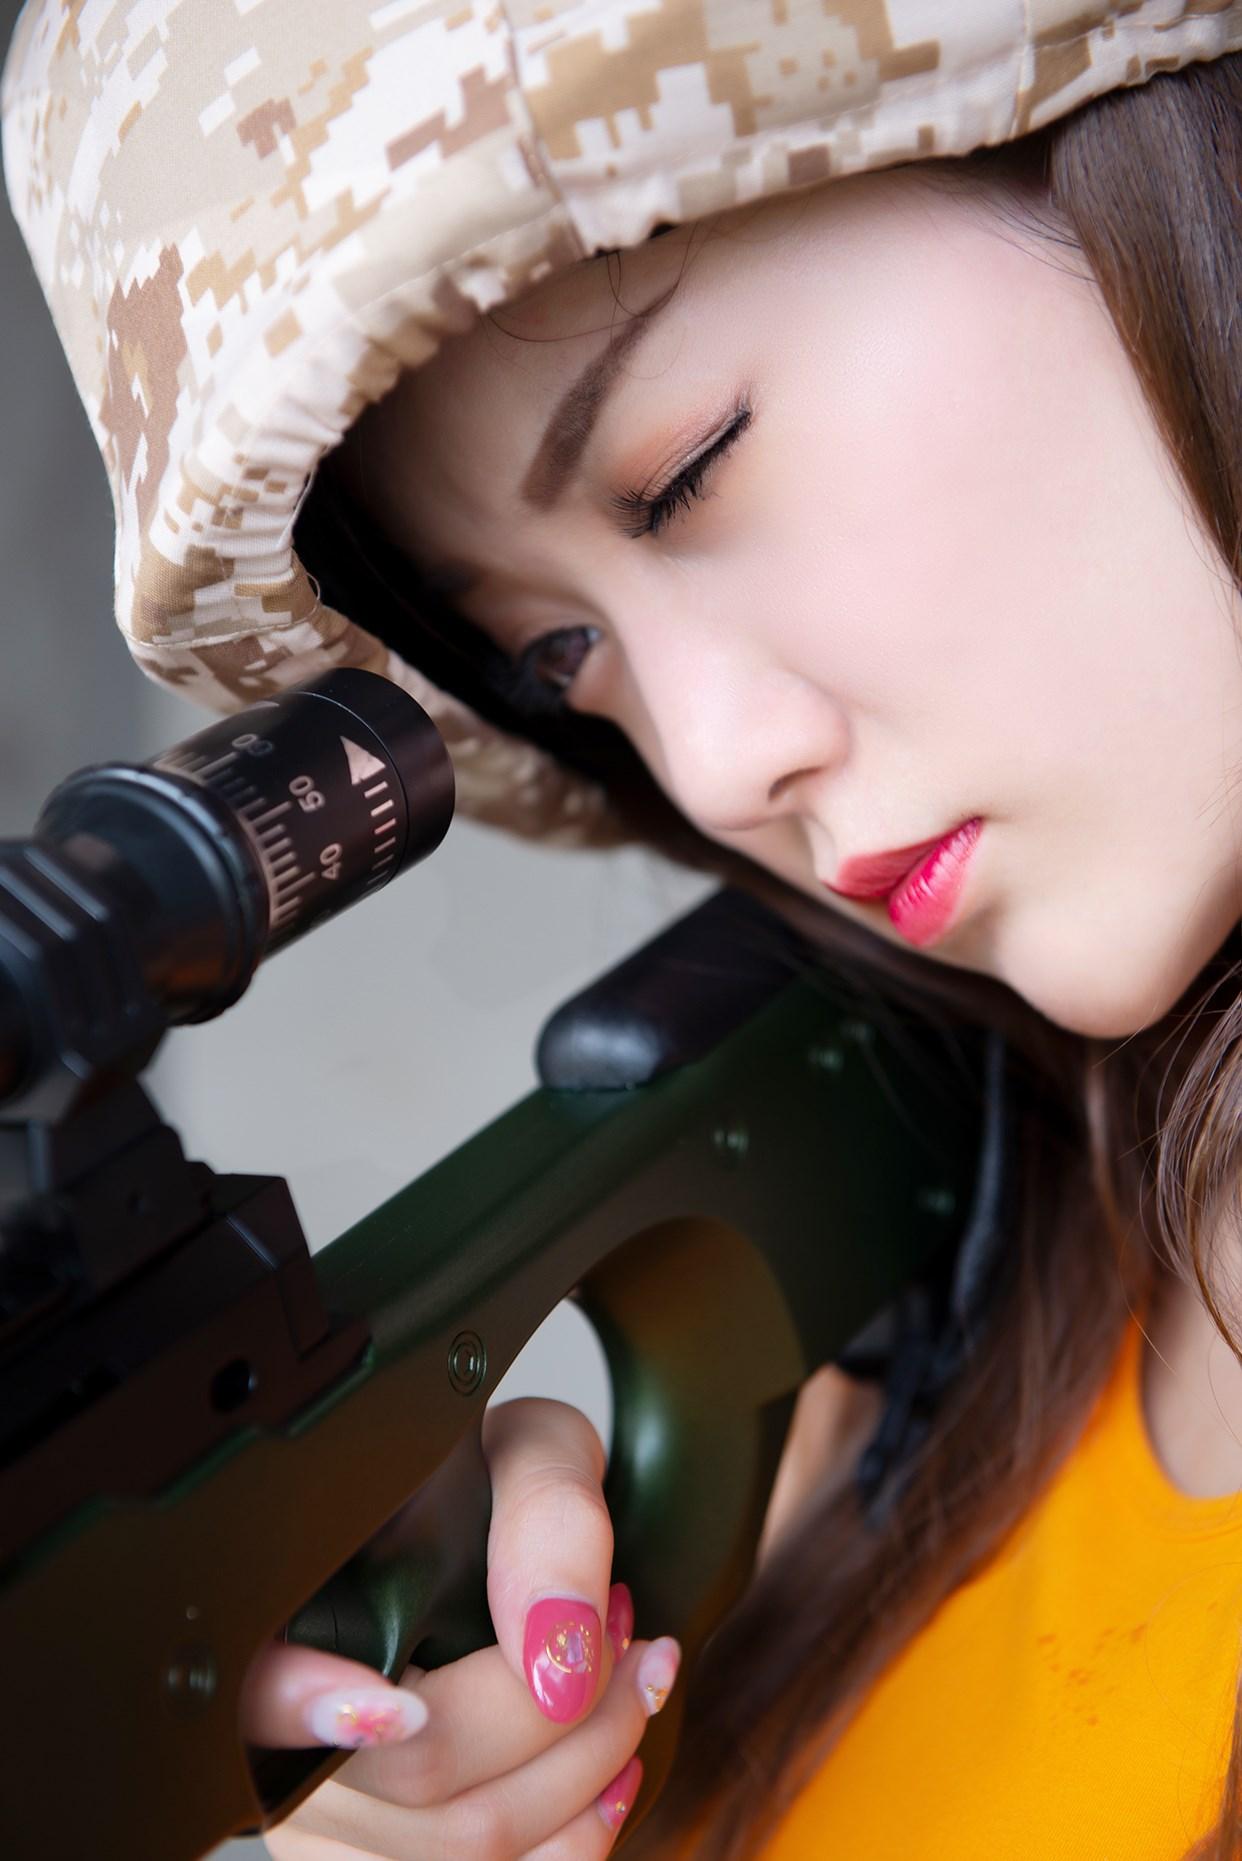 【兔玩映画】狙击少女 兔玩映画 第9张